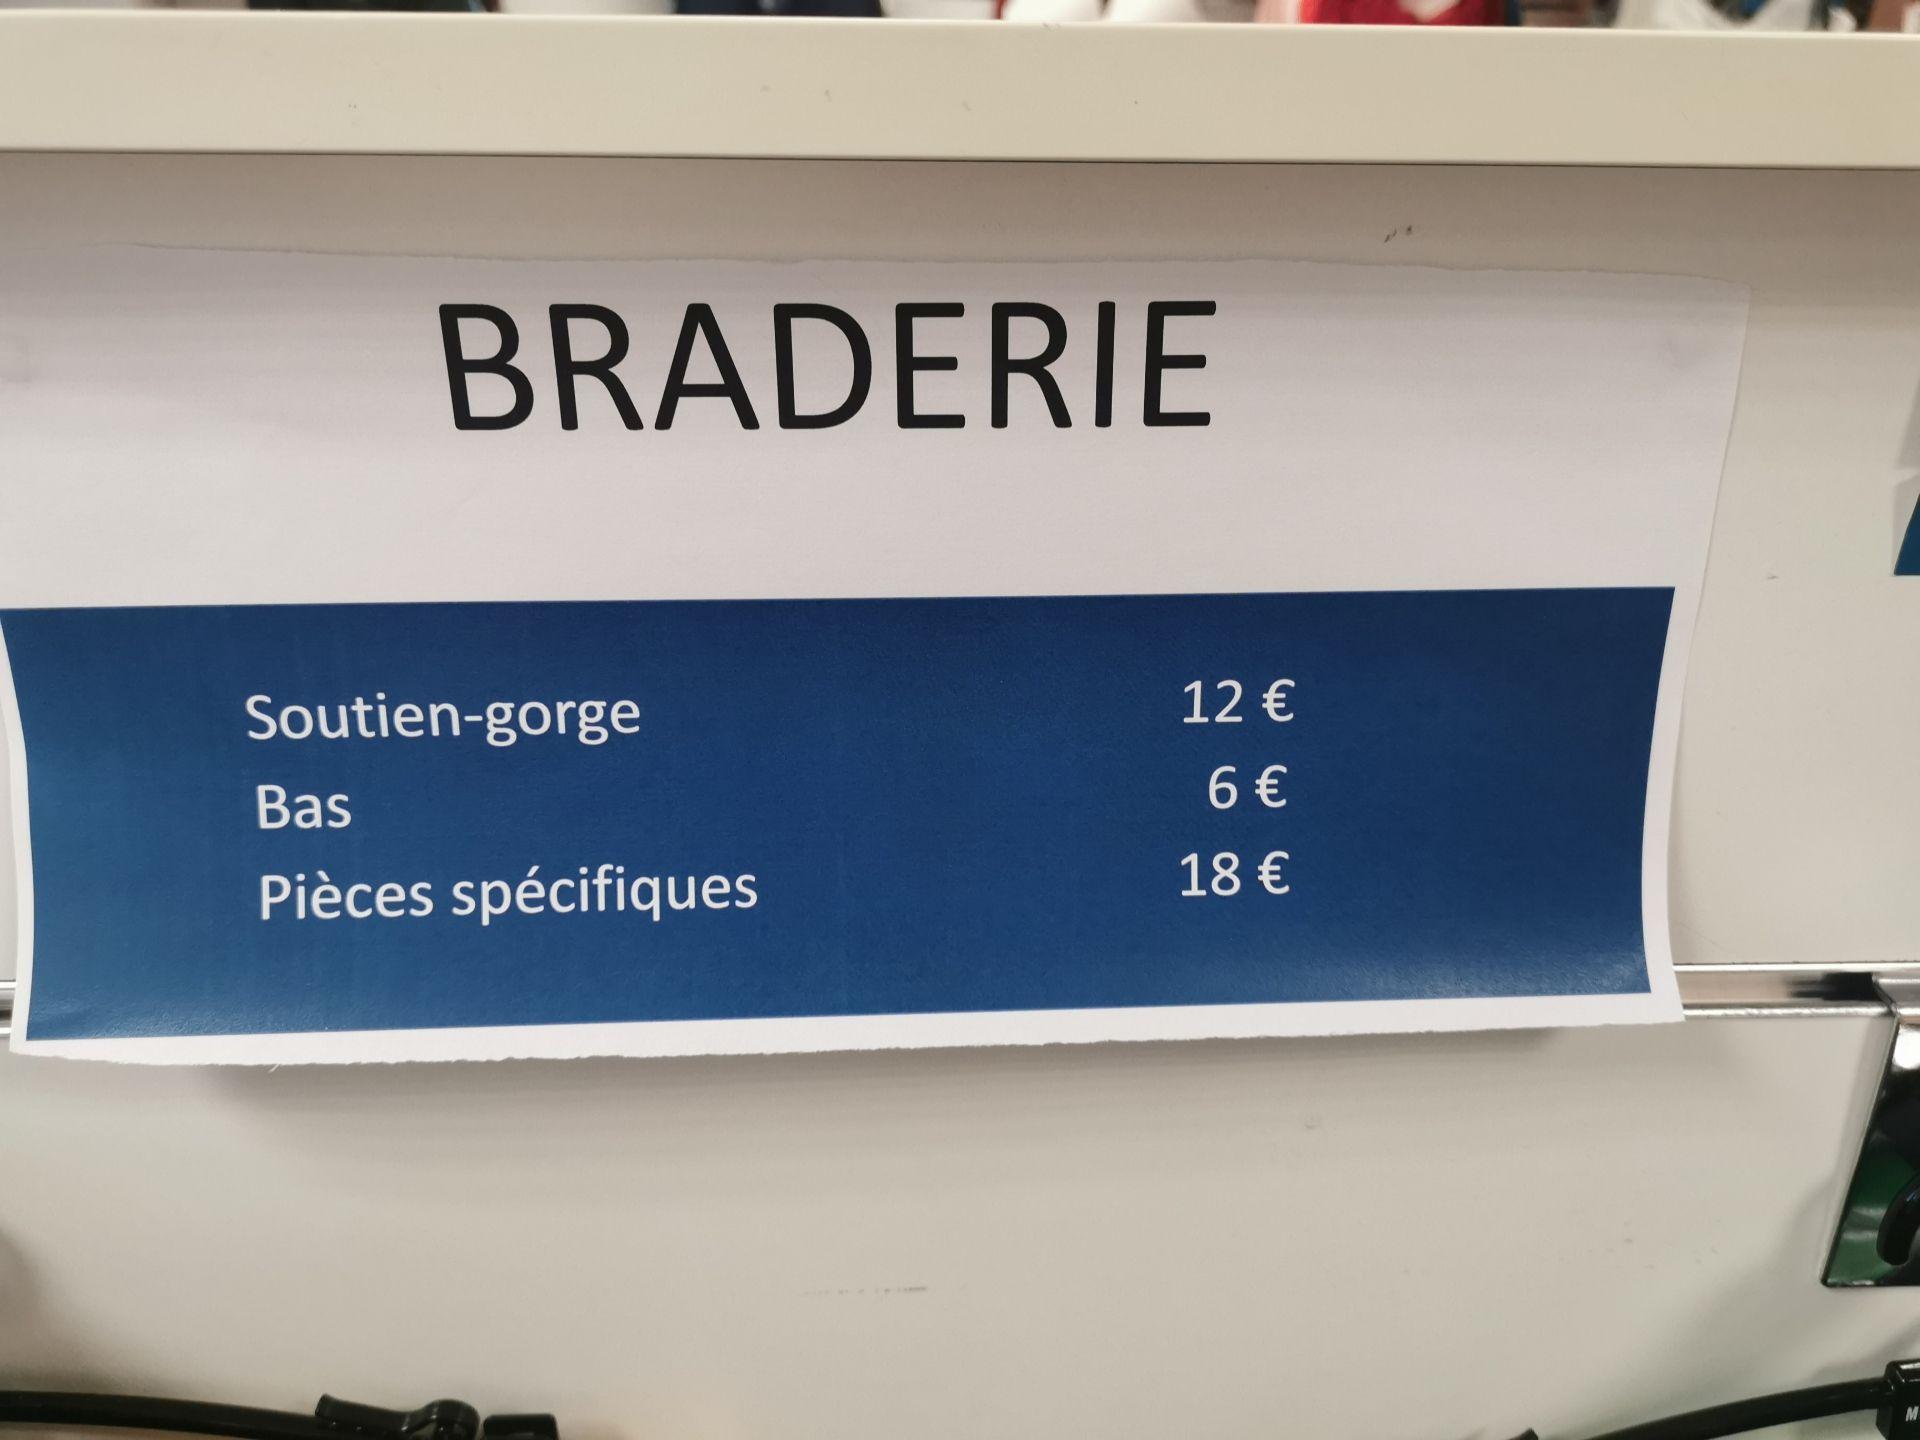 Braderie lingerie Maison Lejaby (Caluire et Cuire 69 )